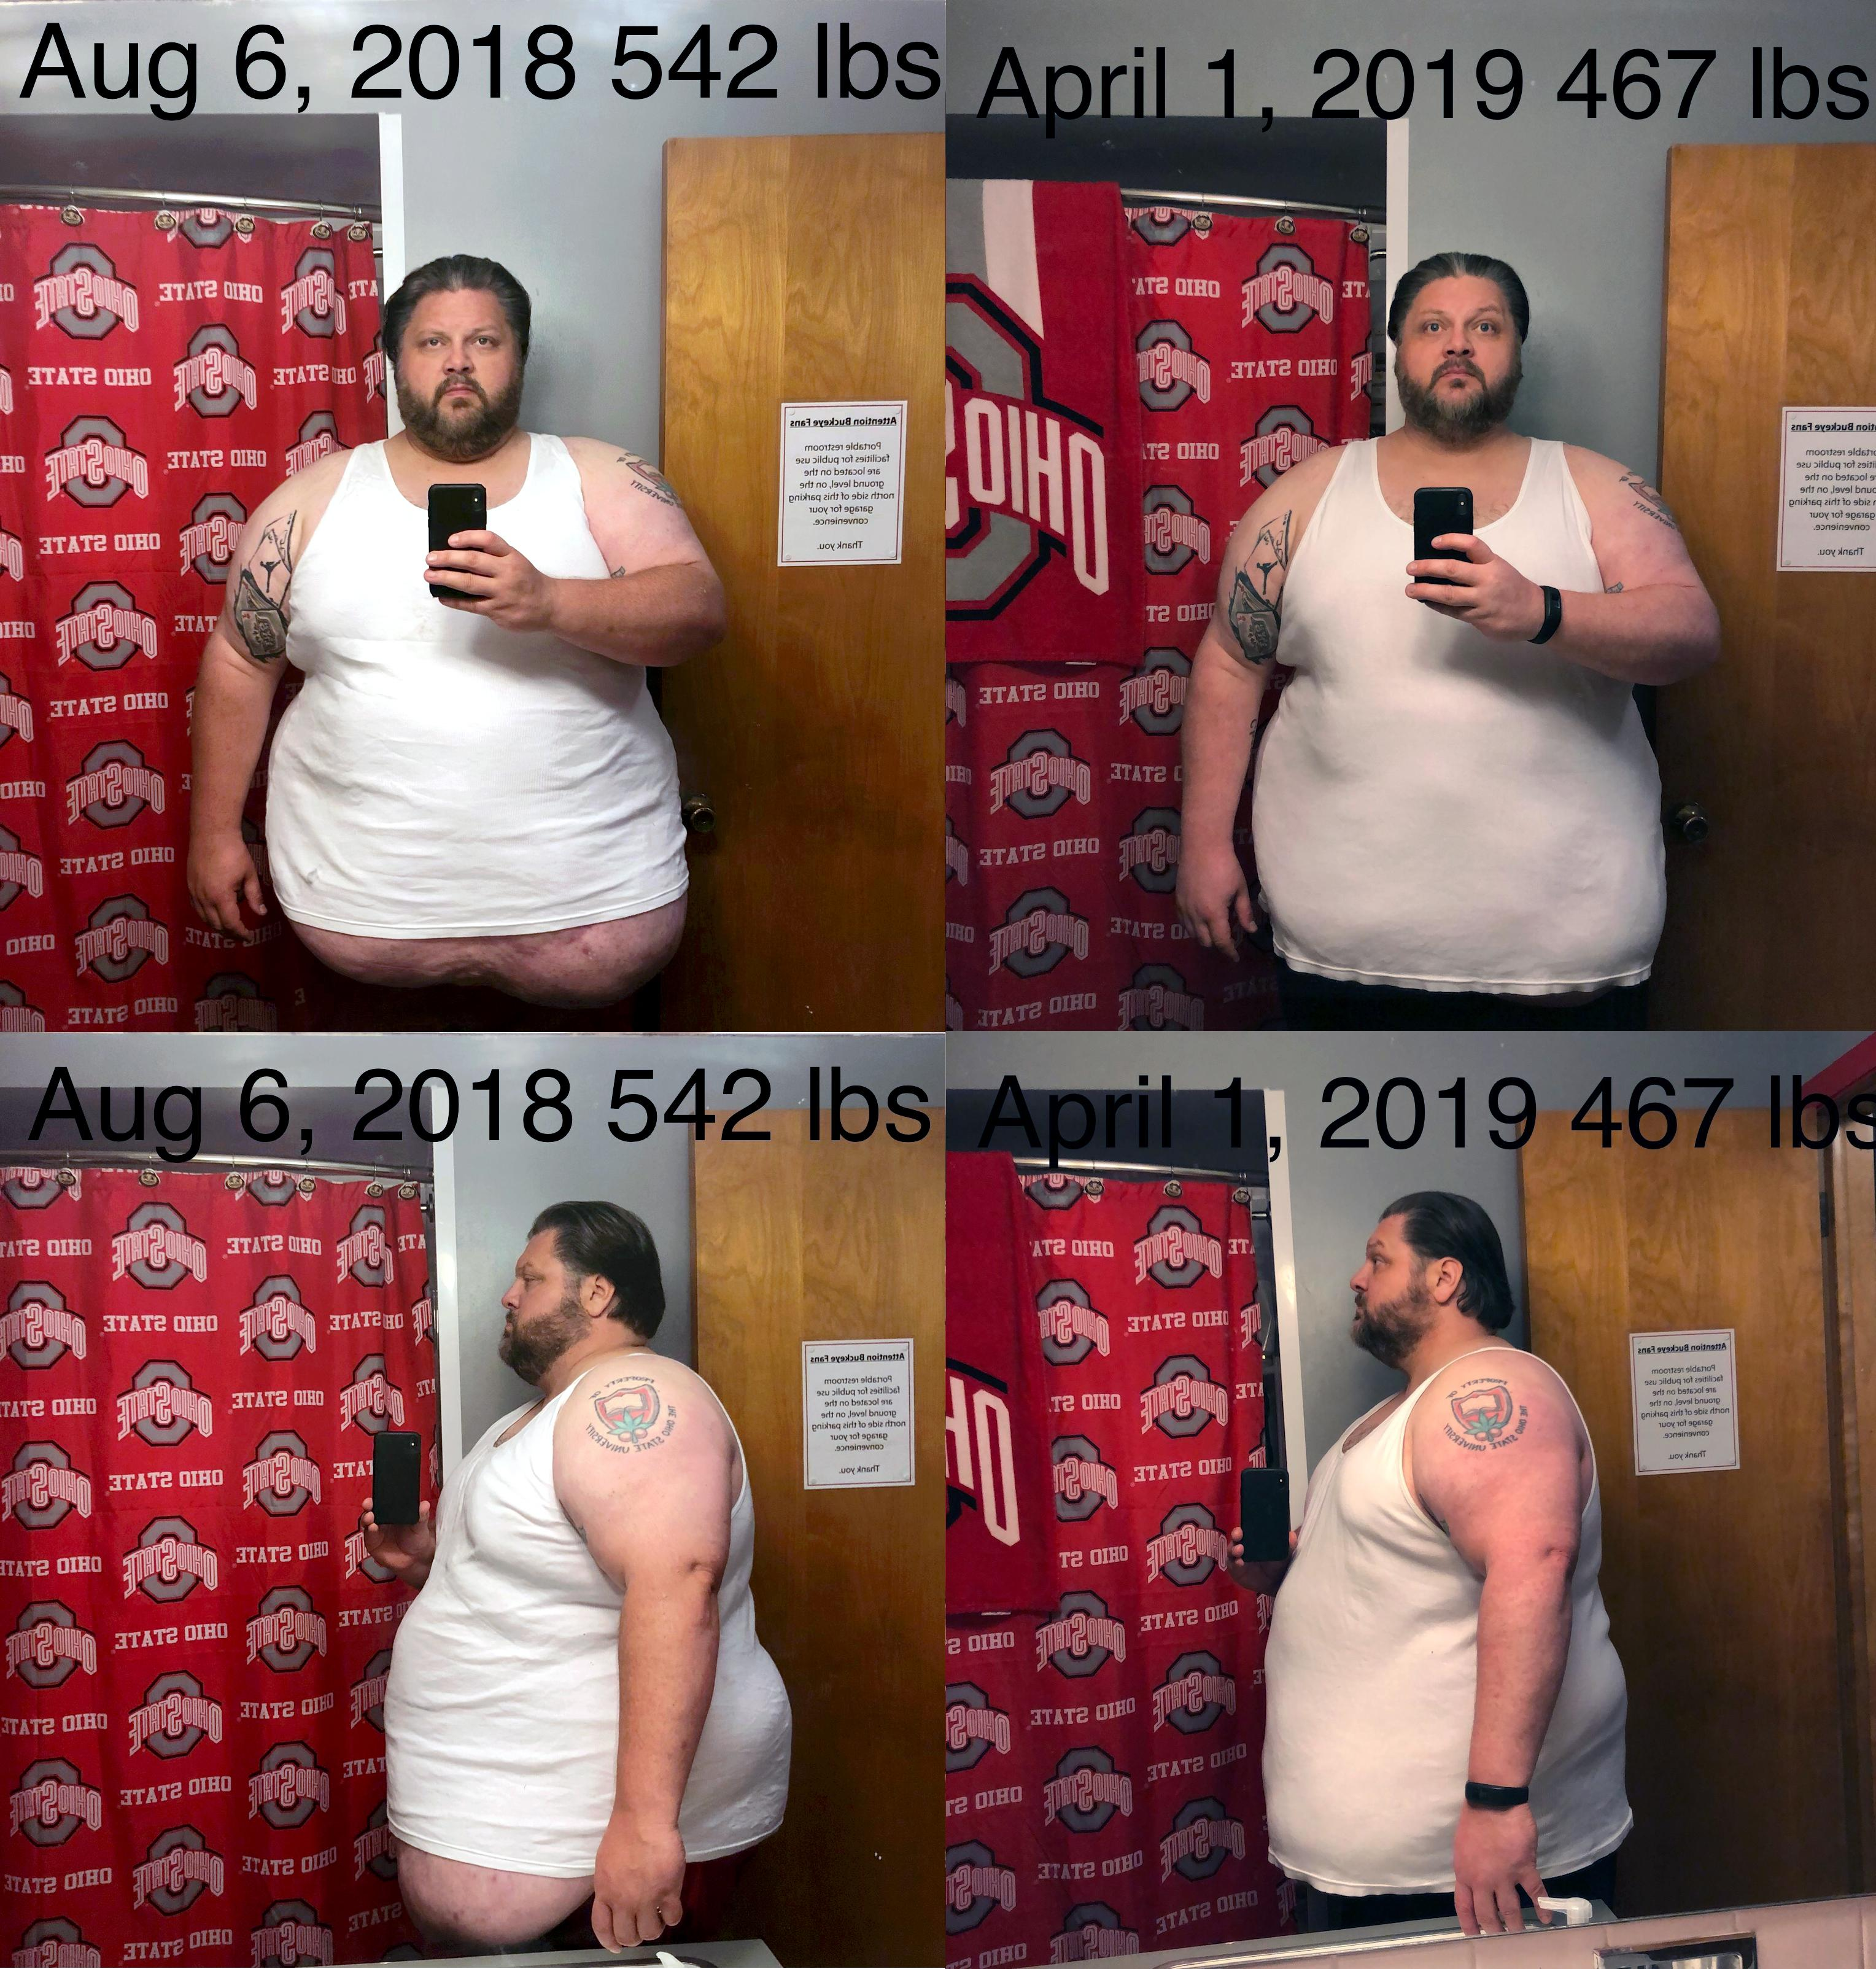 Progress Pics of 75 lbs Fat Loss 6'1 Male 542 lbs to 467 lbs